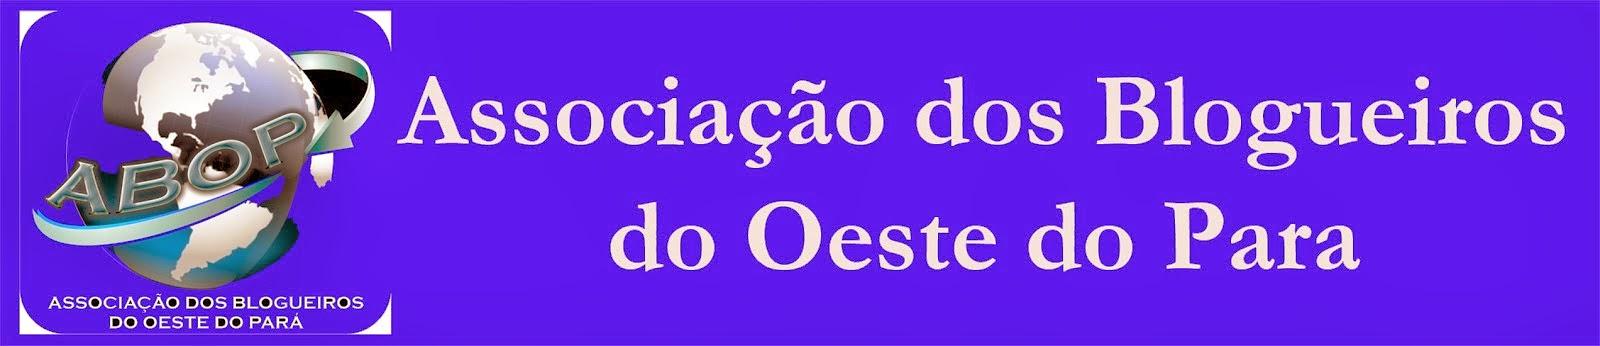 Associação dos Blogueiros do Oeste do Pará